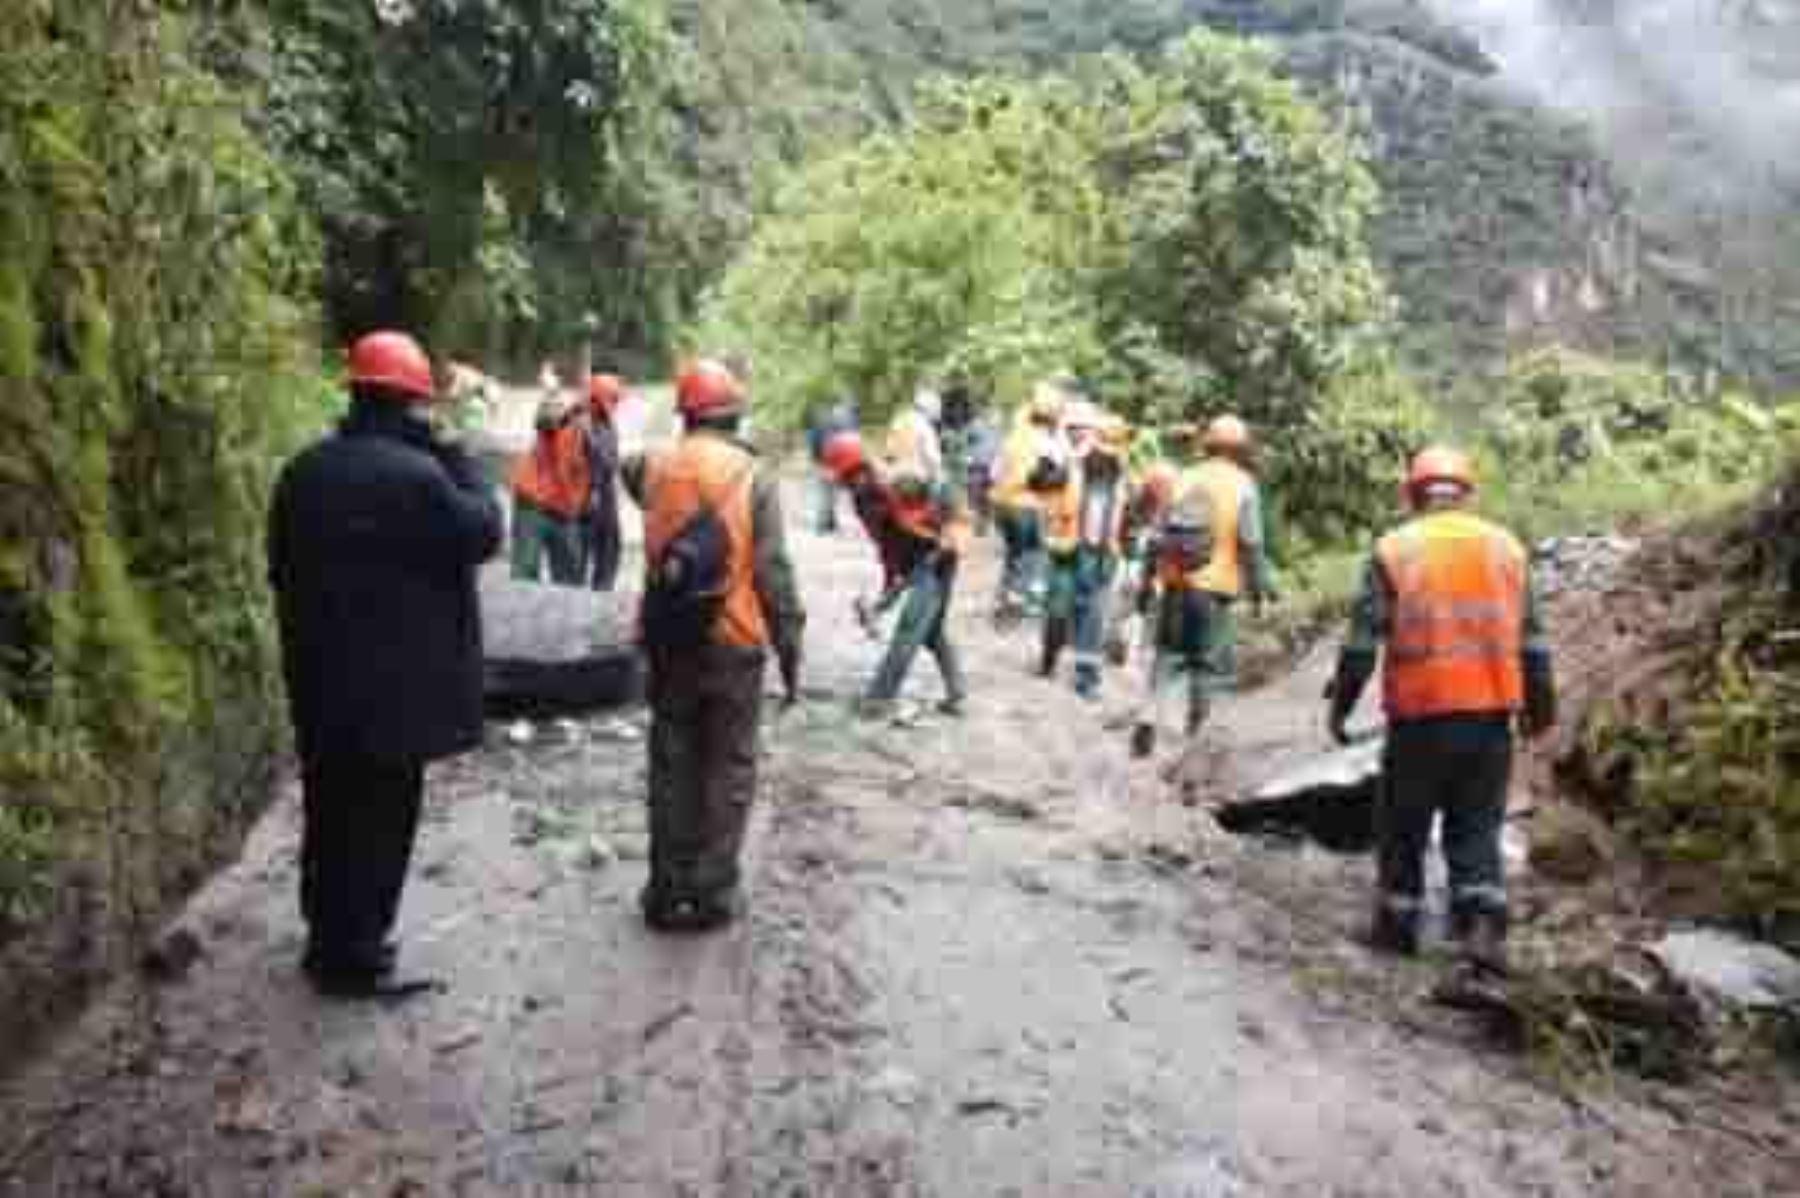 El tránsito de buses turísticos se restableció en la carretera Hiram Bingham, que conduce a la ciudadela inca de Machu Picchu, luego que se removieran las tres gigantescas rocas que la obstruían, informó la Plataforma de Defensa Civil del distrito de Machu Picchu Pueblo. ANDINA/Difusión